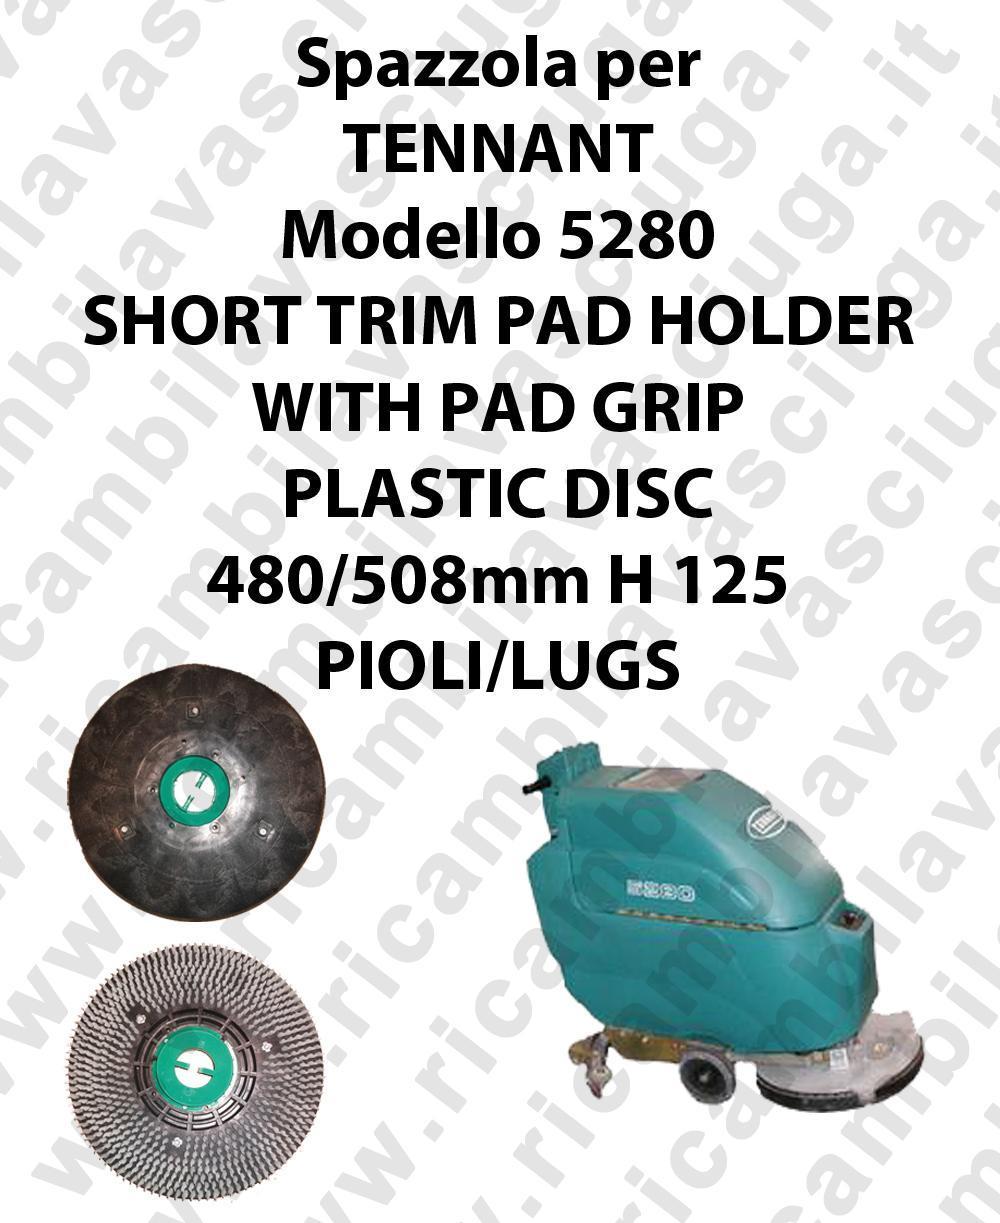 SHORT TRIM PAD HOLDER WITH PAD GRIP pour autolaveuses TENNANT mod 5280